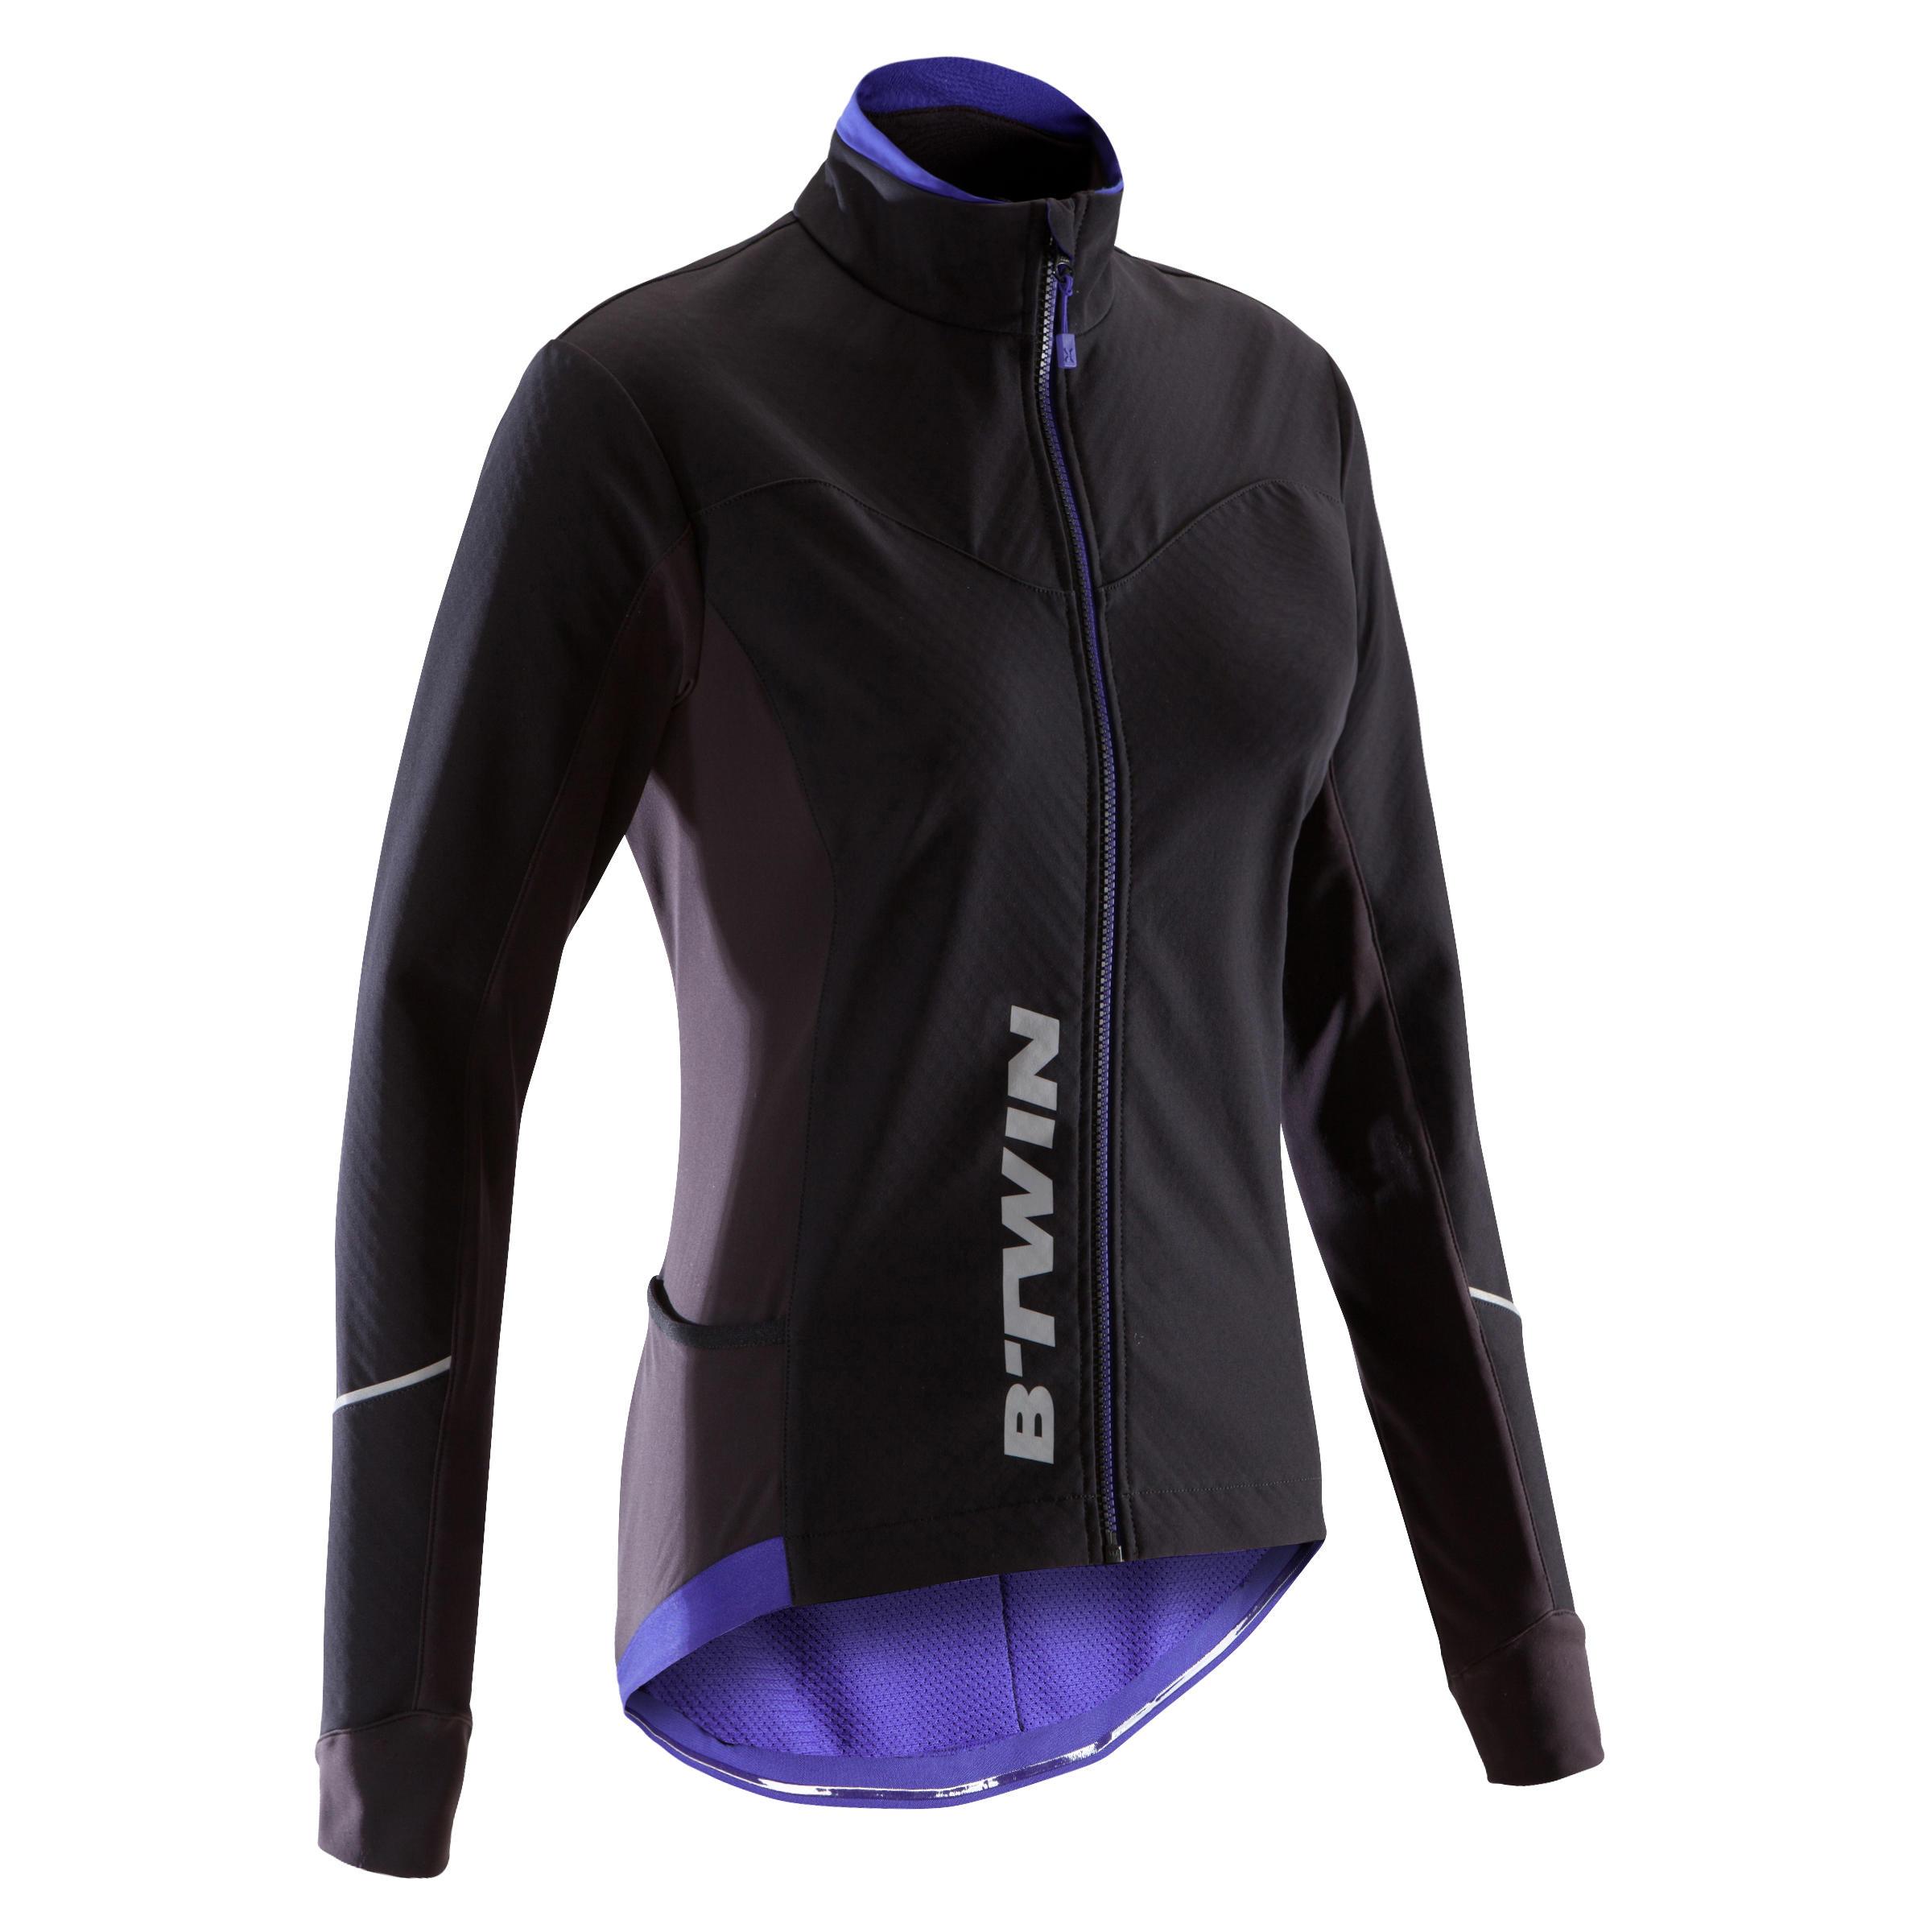 Fahrradjacke 500 Damen schwarz/blau | Sportbekleidung > Sportjacken > Fahrradjacken | B´twin